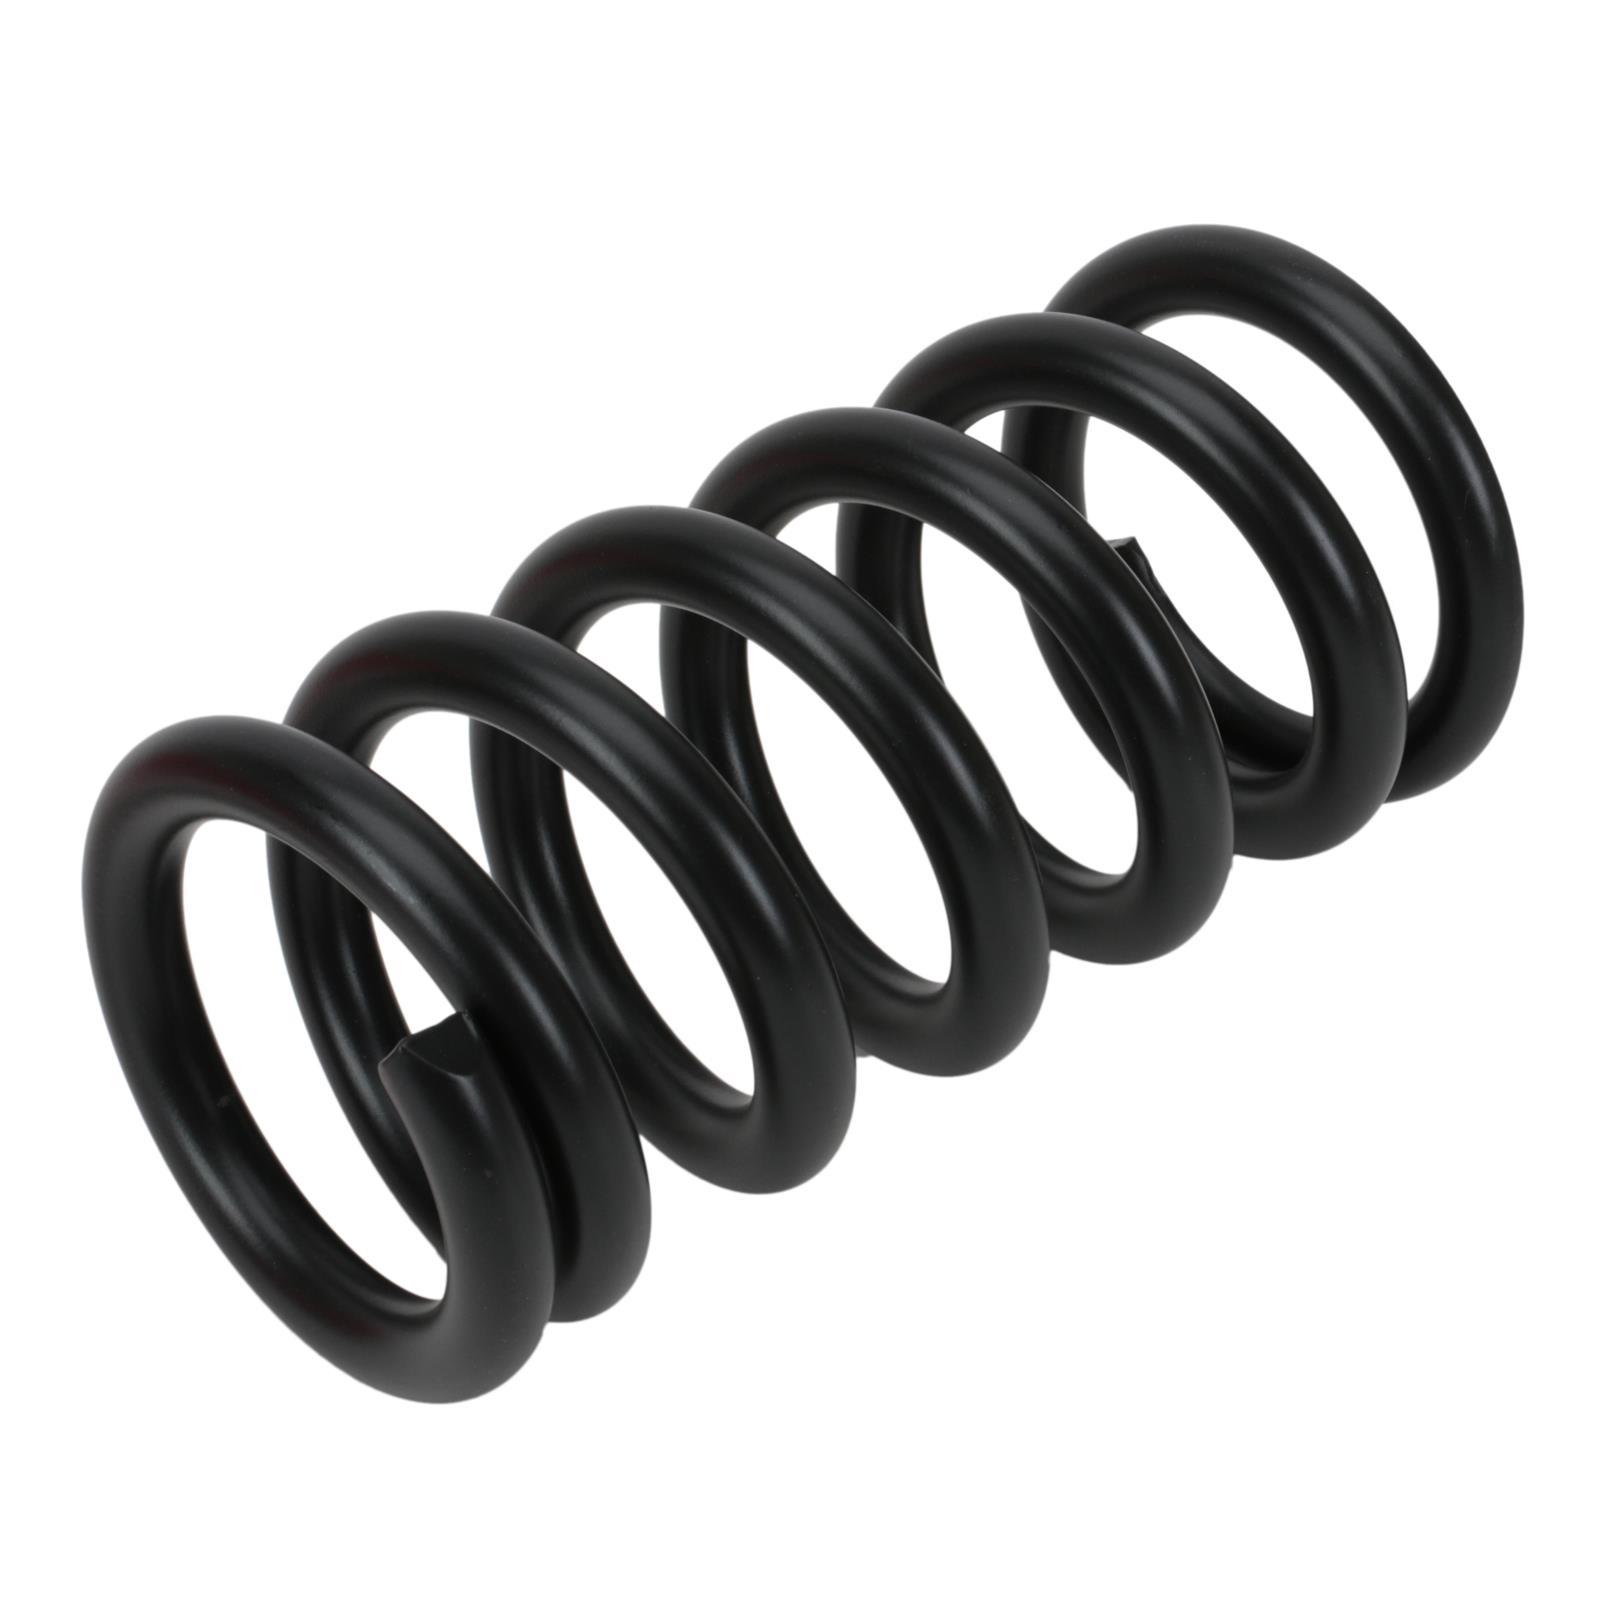 0950.550.1150 Eibach 9.5 x 5.5 I.D 1150 lb Front Coil Spring Load Capacity